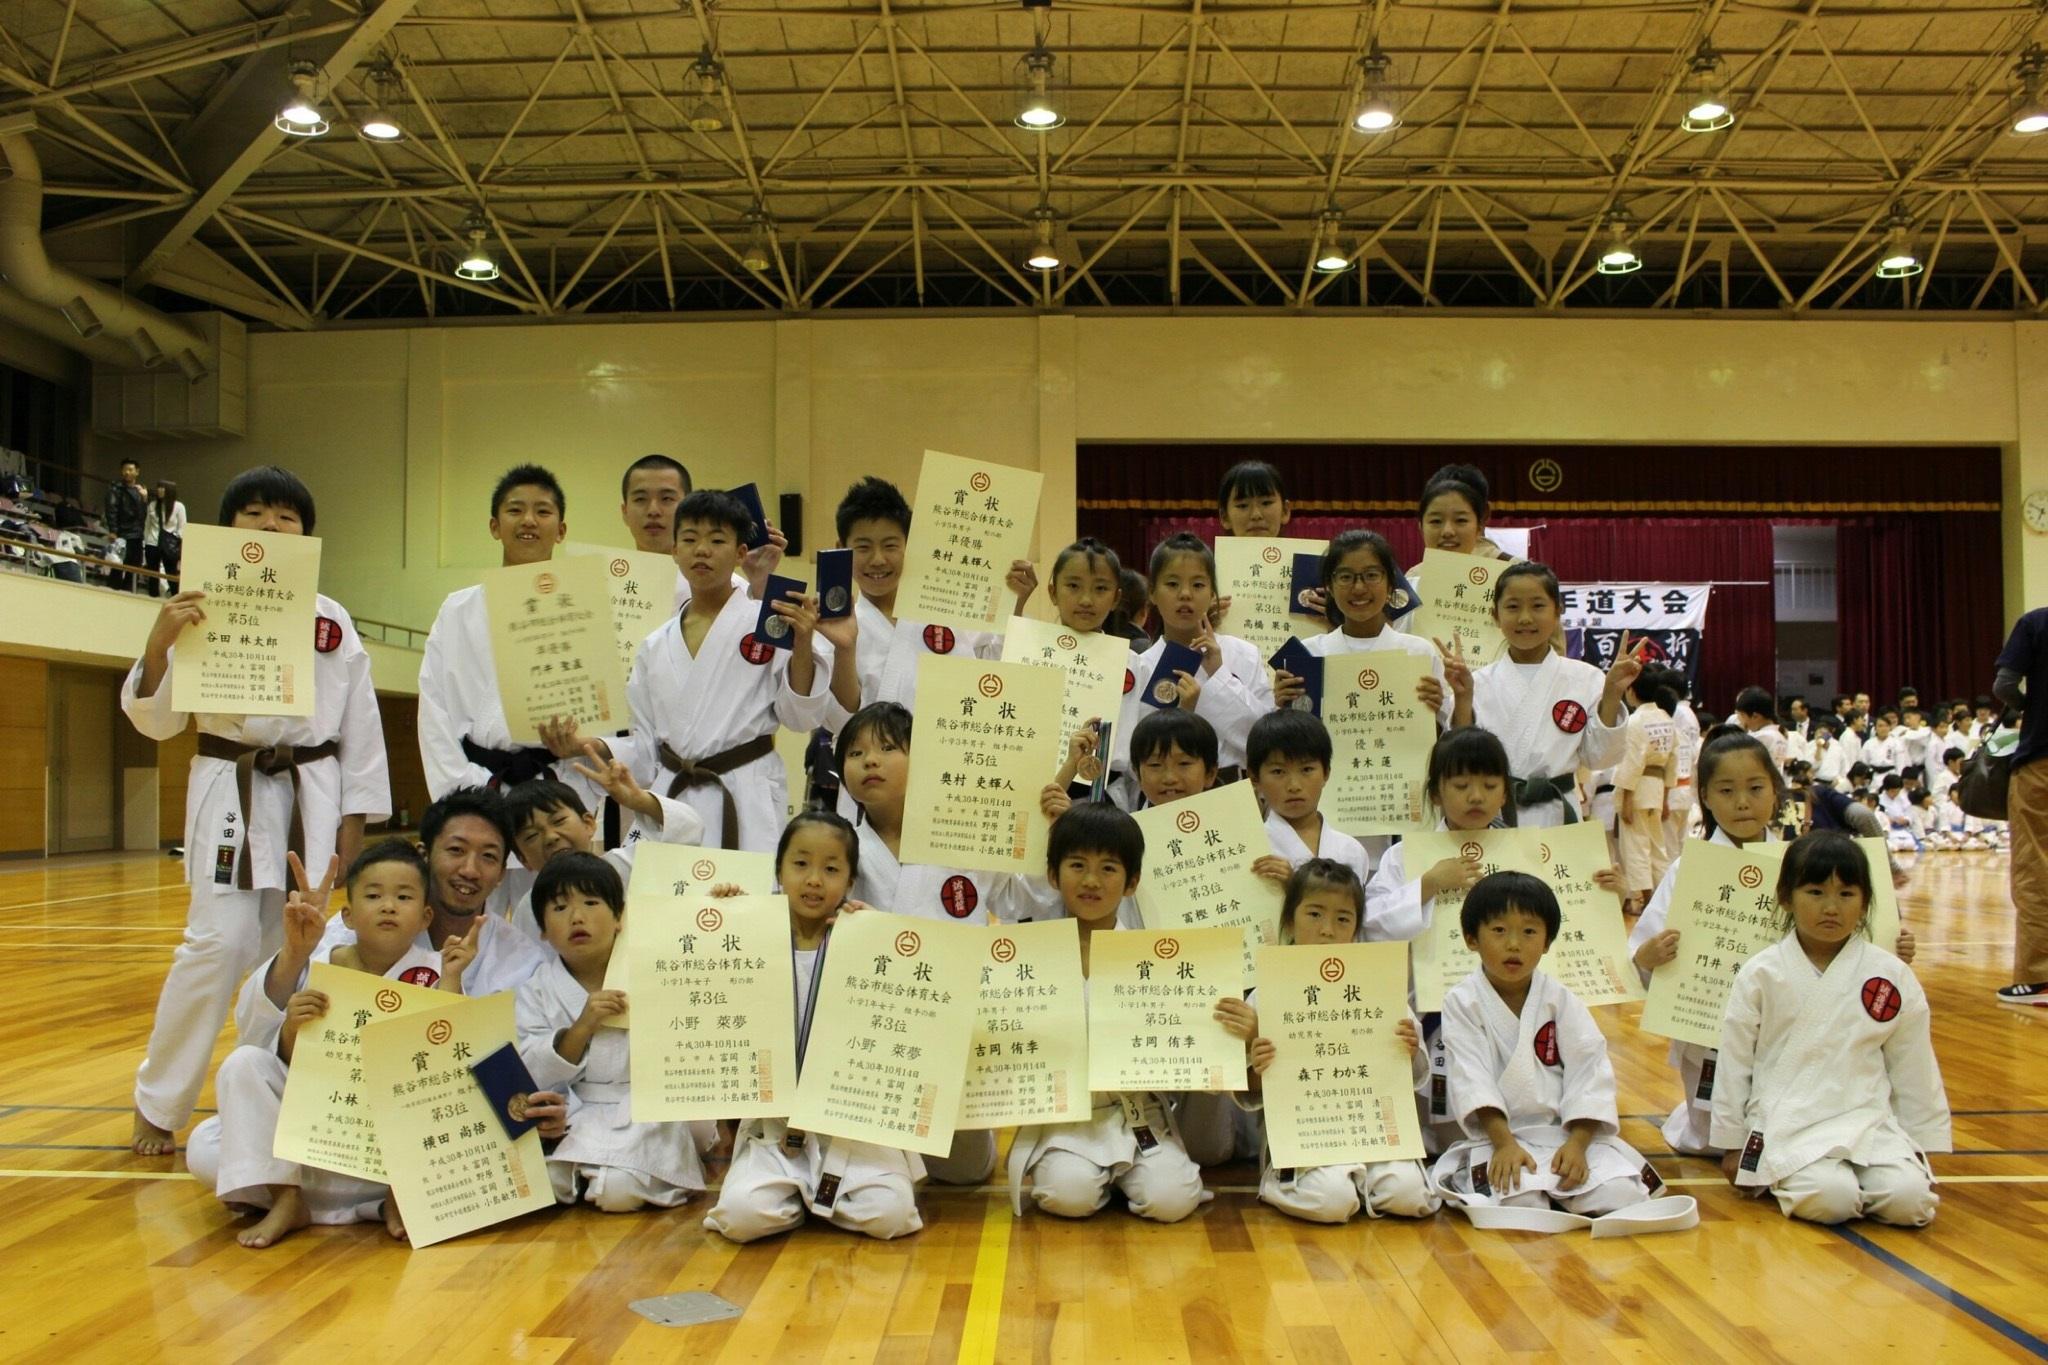 第24回 熊谷市空手道大会